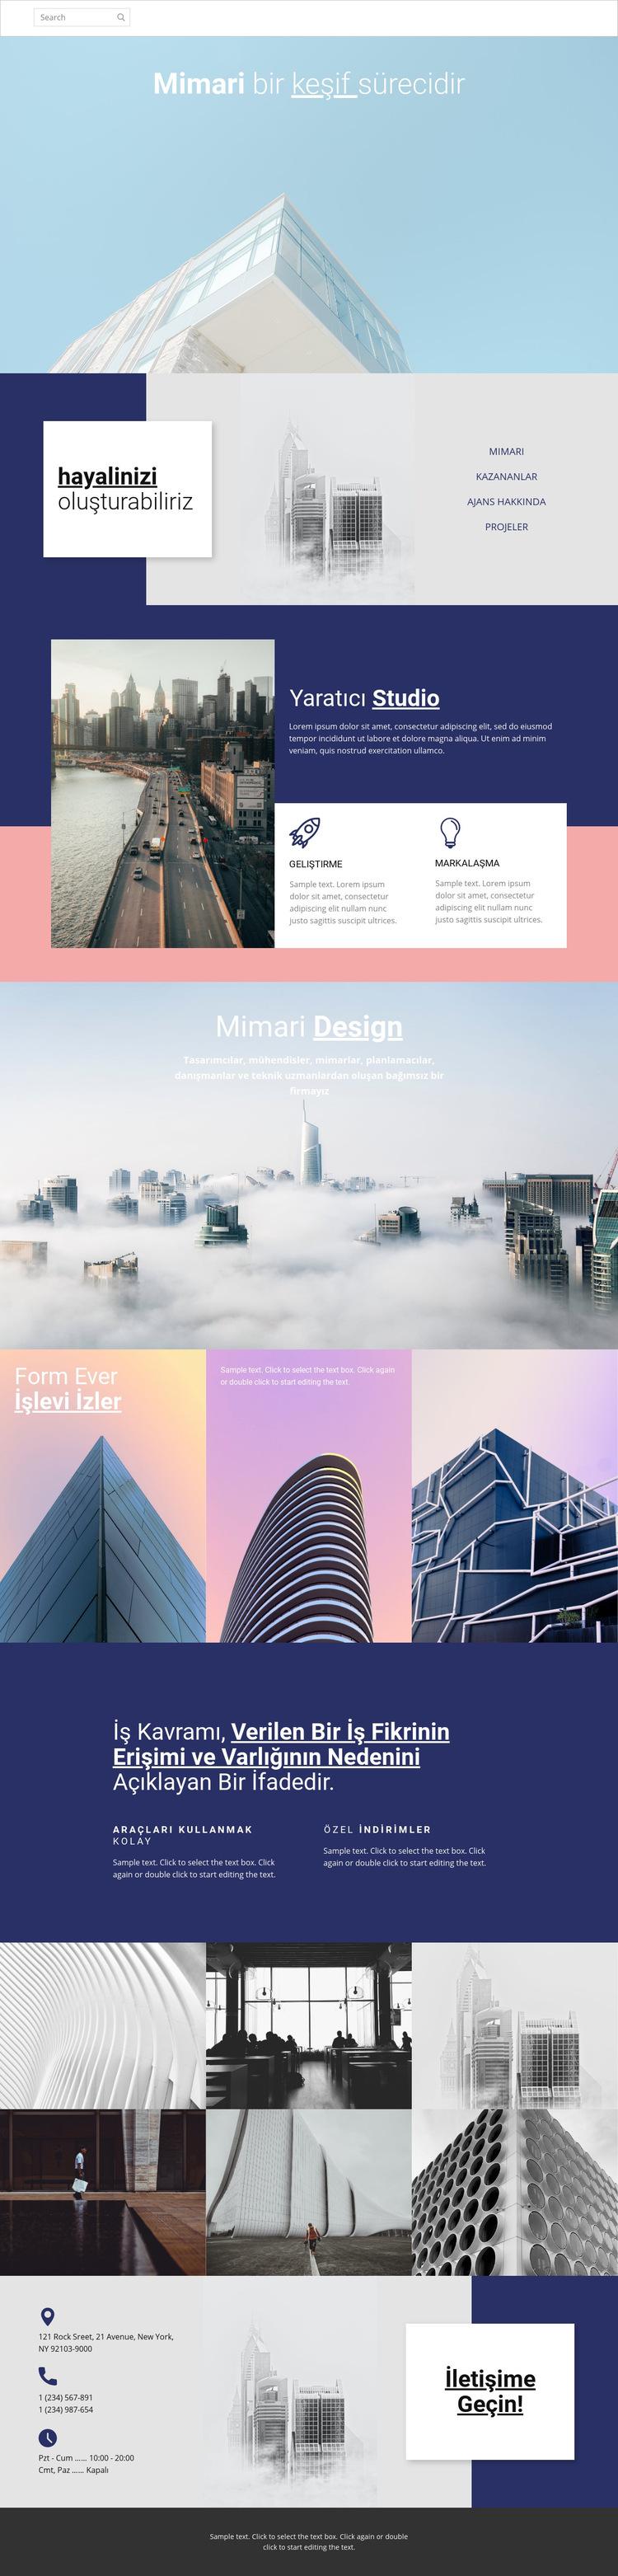 Mimari harikaları Web Sitesi Şablonu